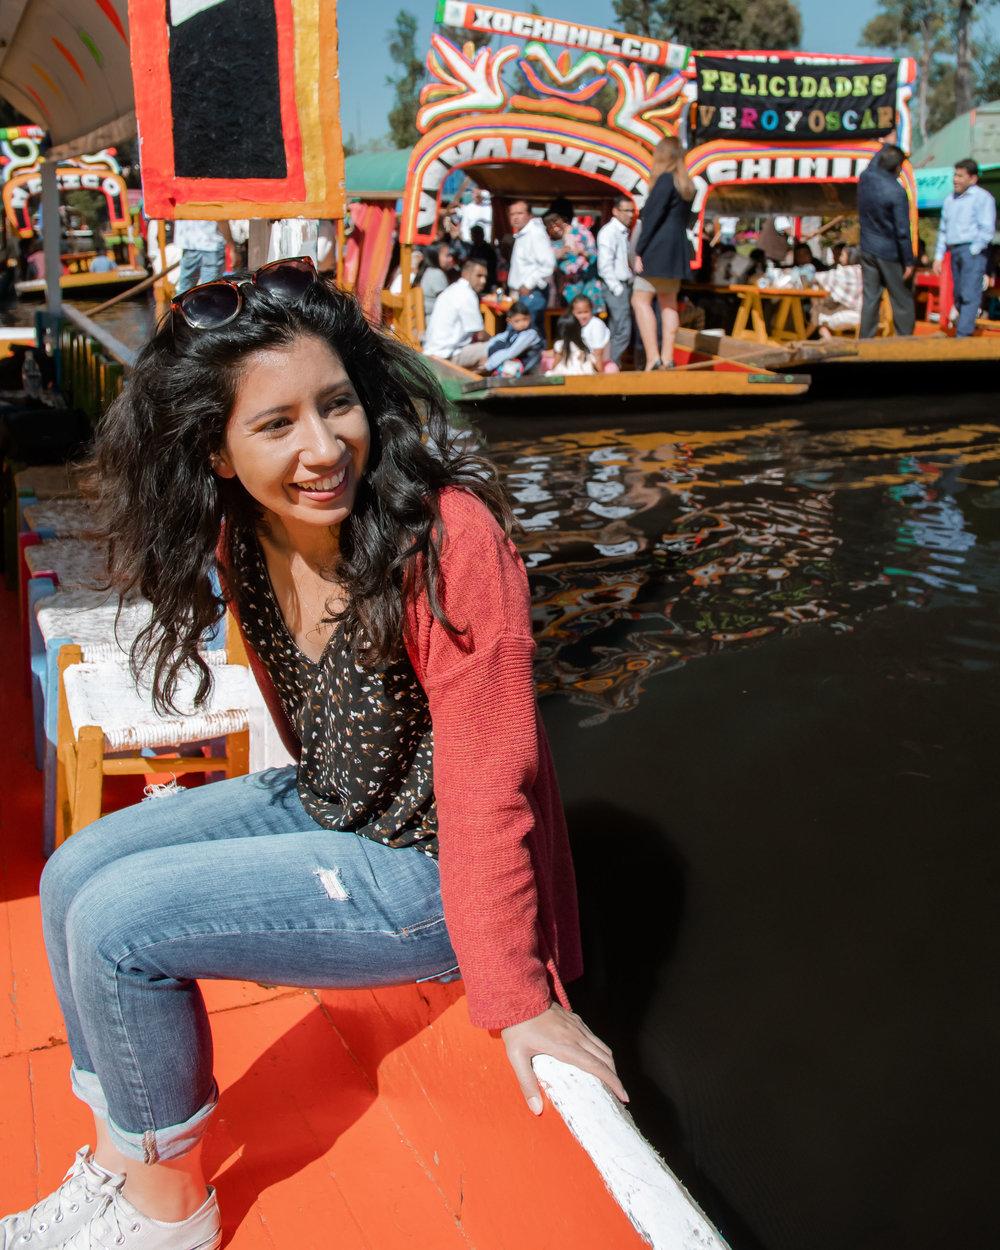 Trajineras in Xochimilco, Mexico